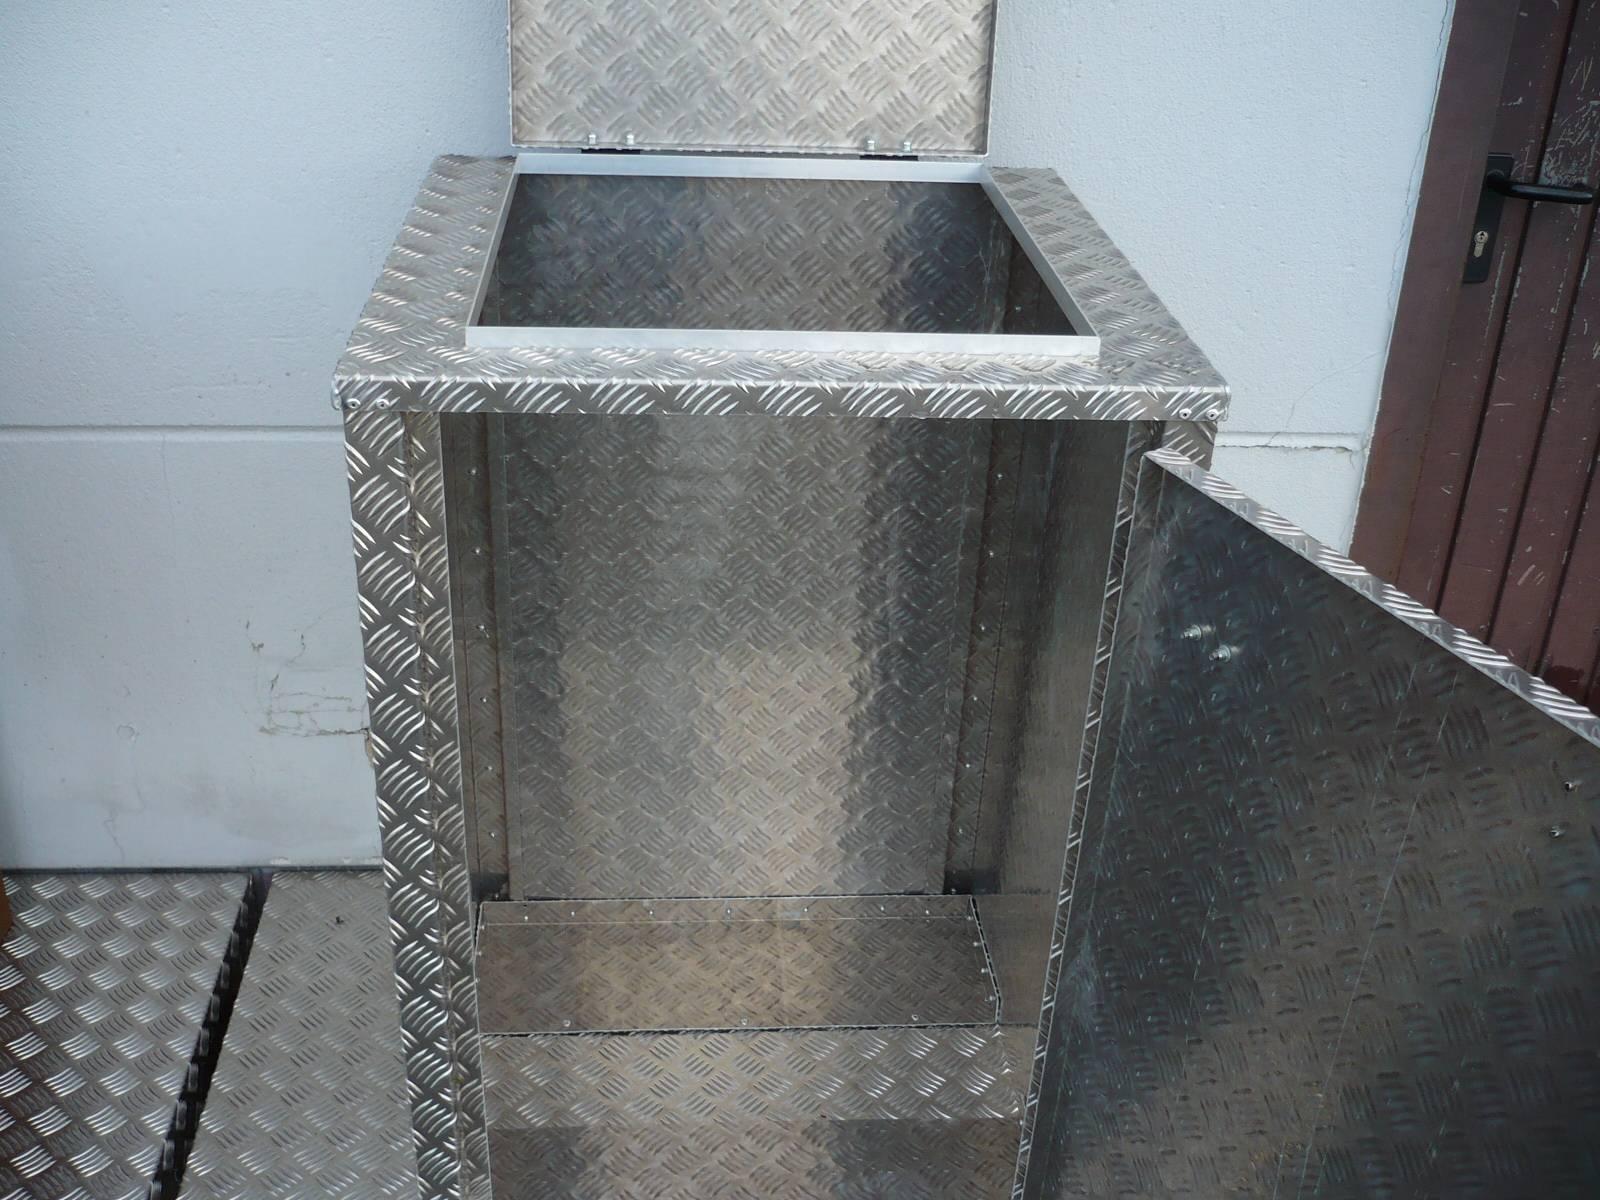 Alutraum_Tonnenbox-13